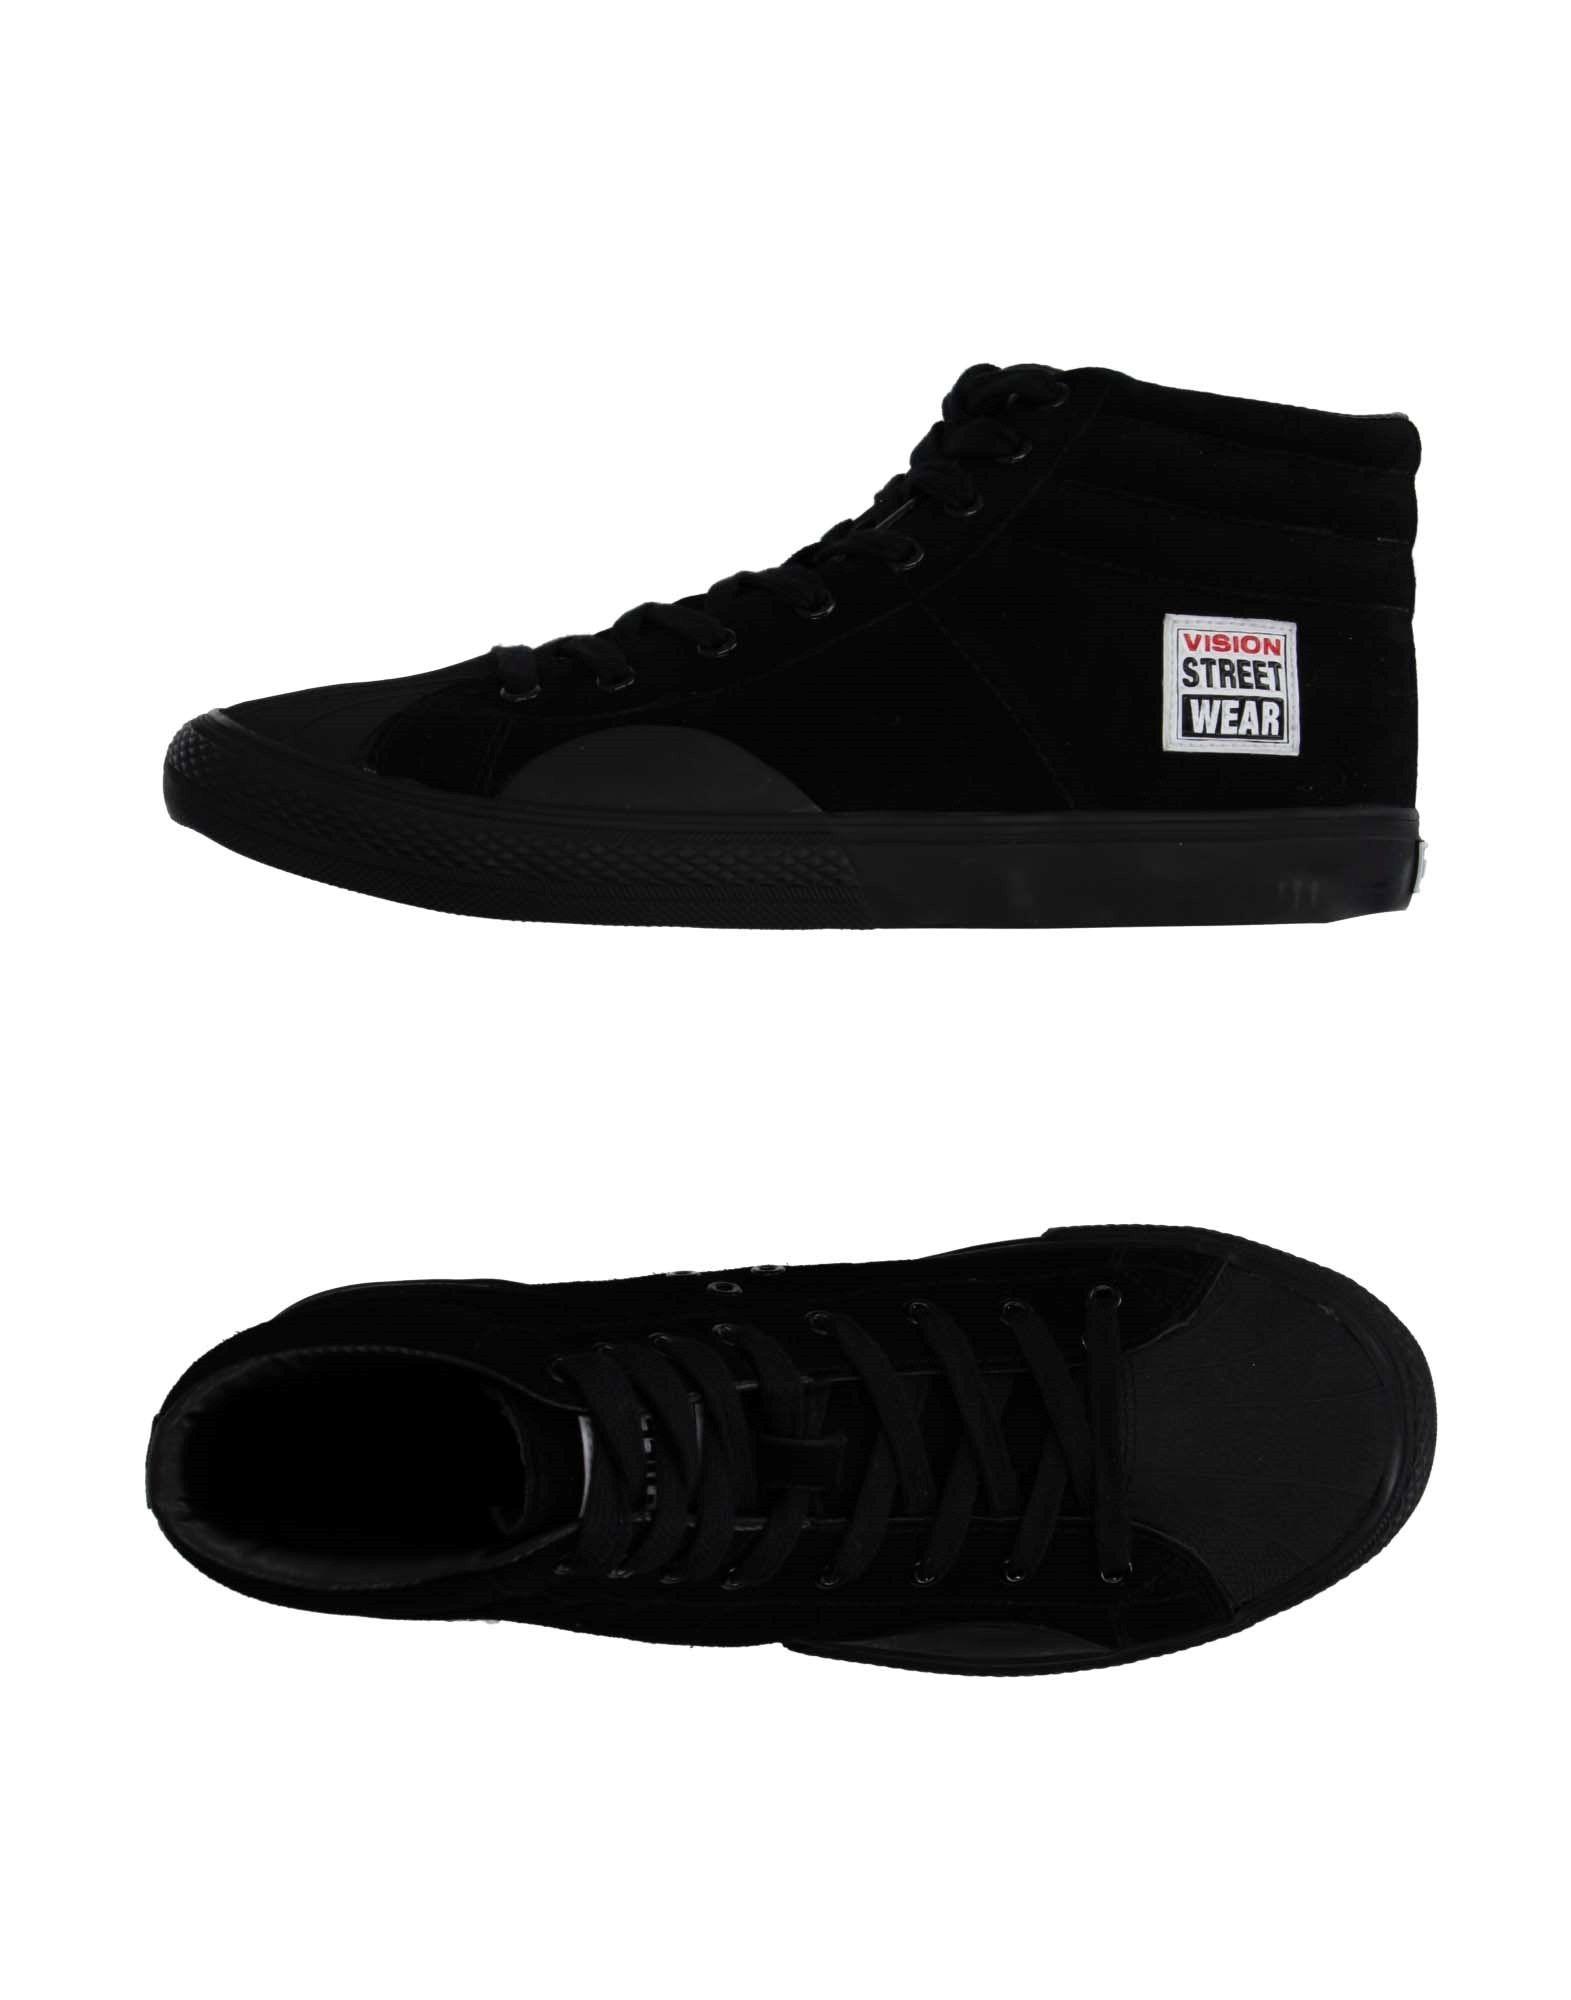 Sneakers Vision Street Wear Uomo - 11039248AU